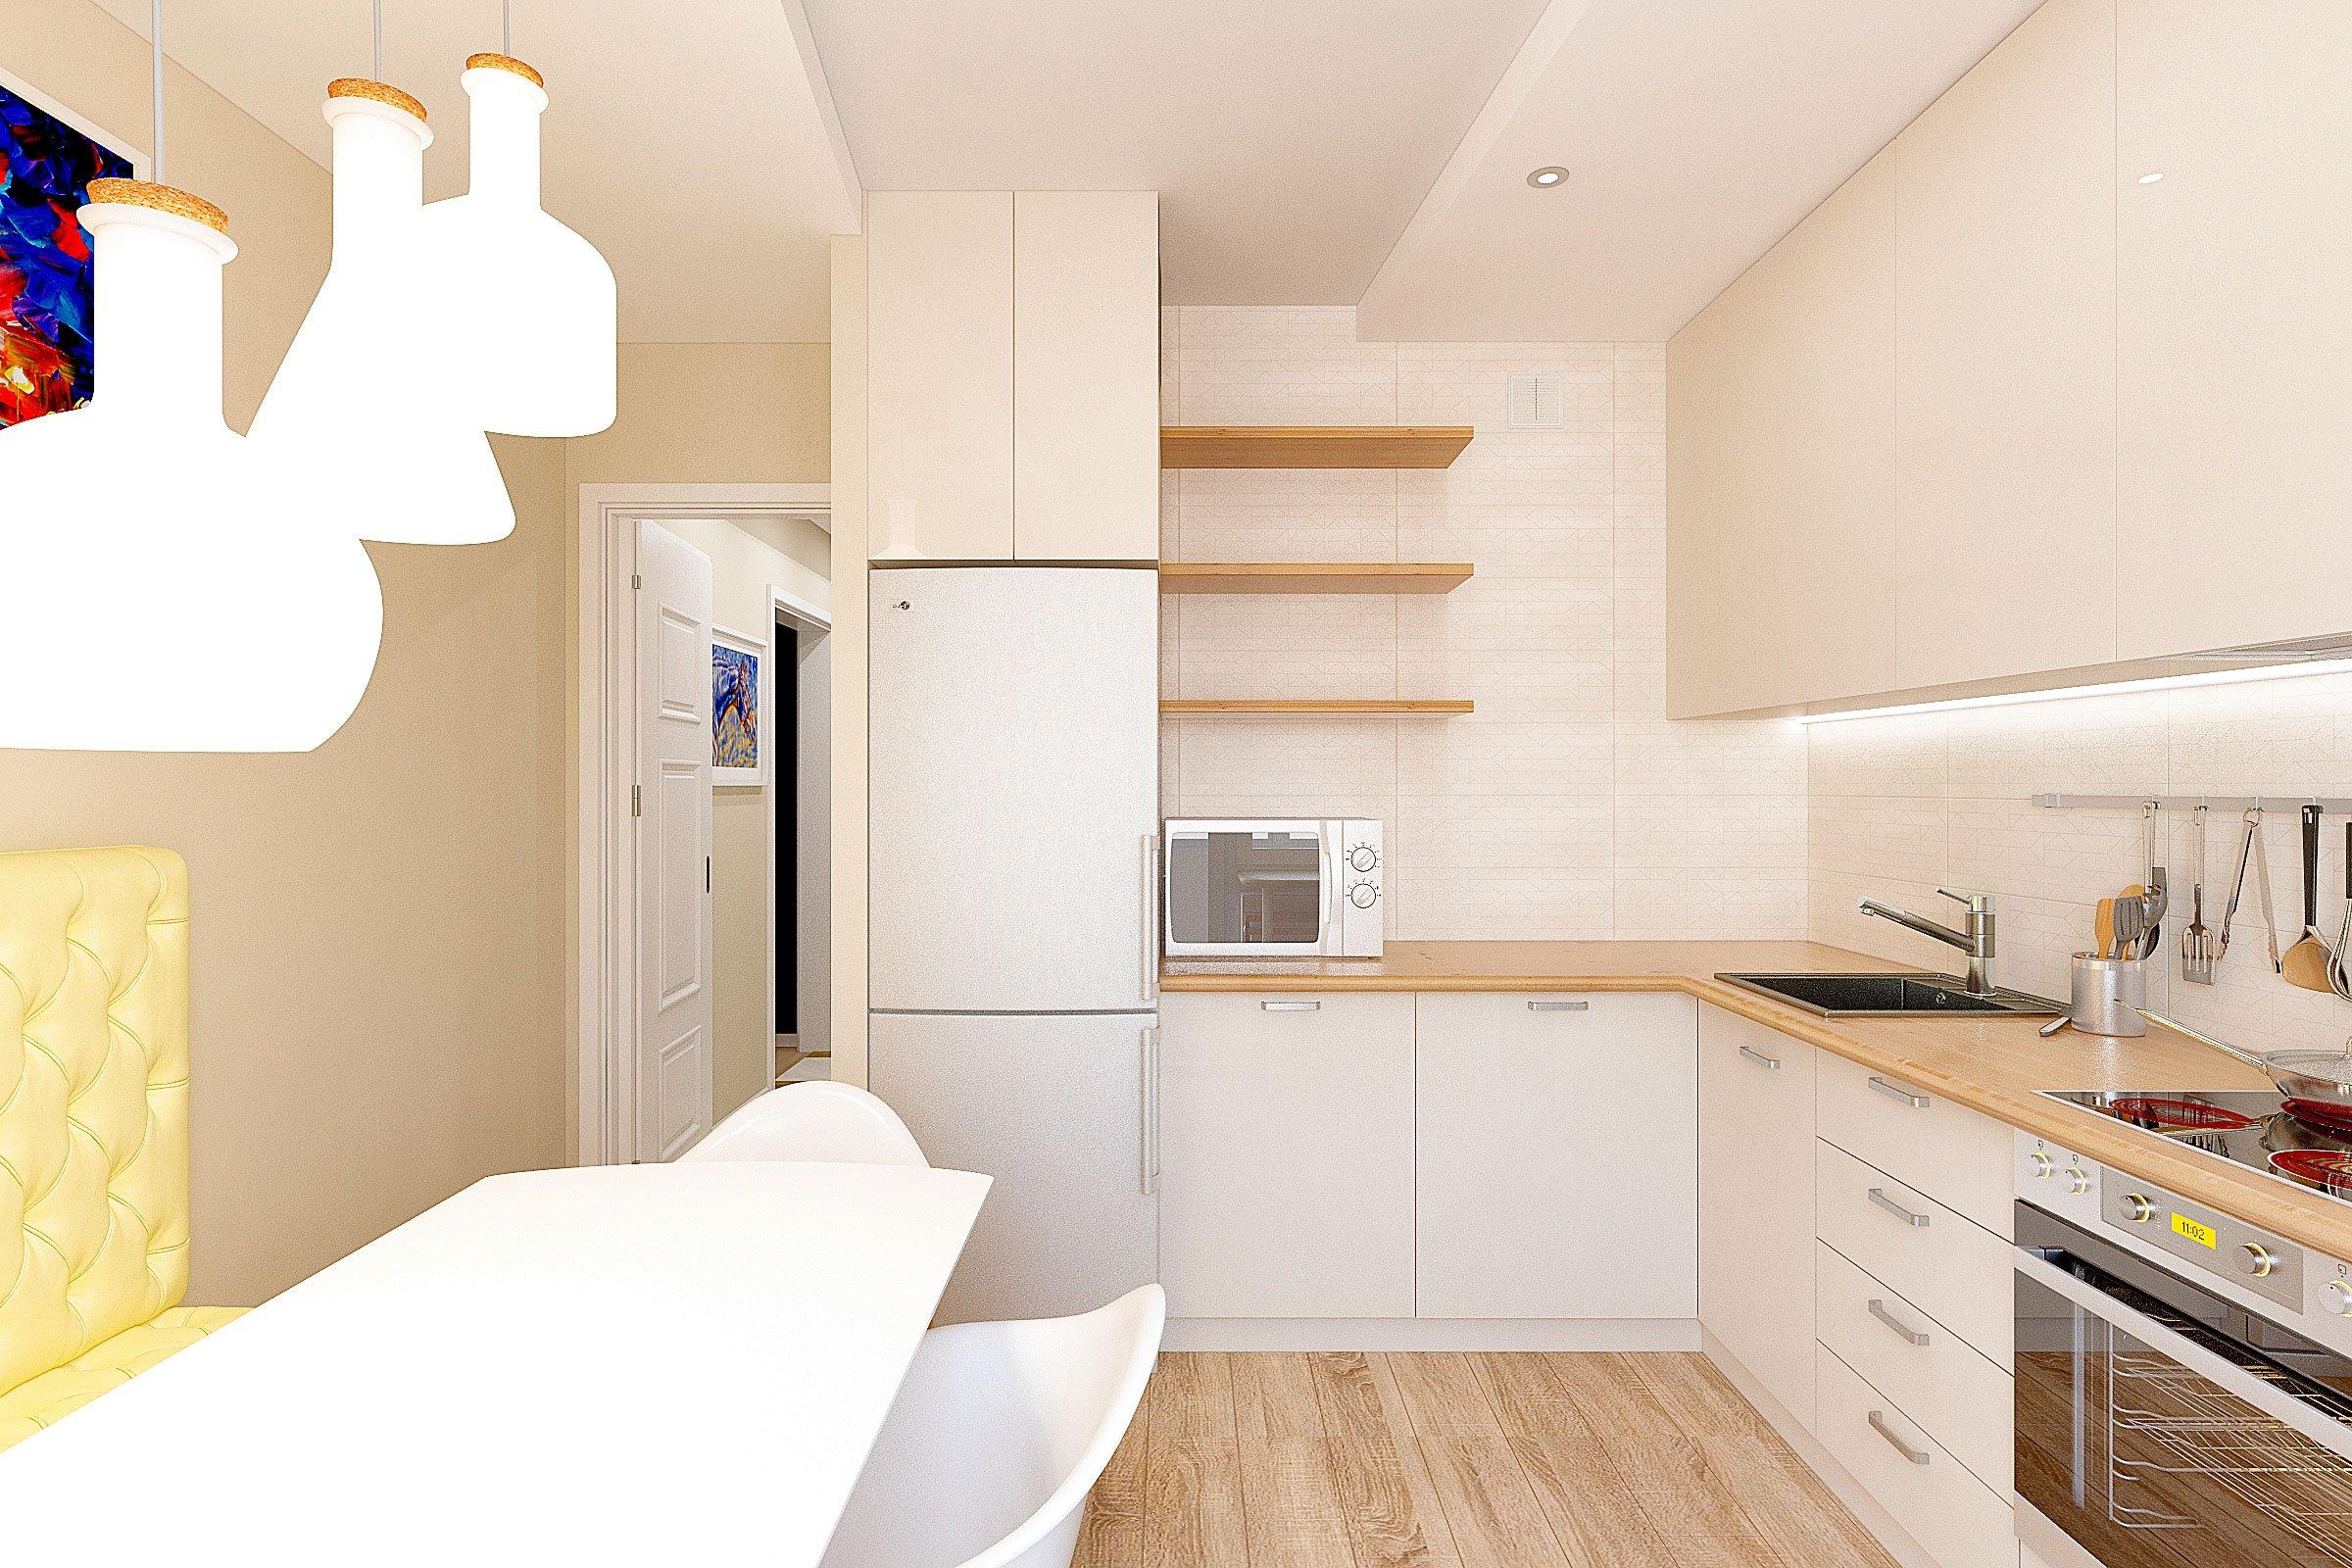 дизайн интерьера кухни в современном стиле, Гомель 2018, фото №3, подвесные светильники в форме бутылок над обеденным столом